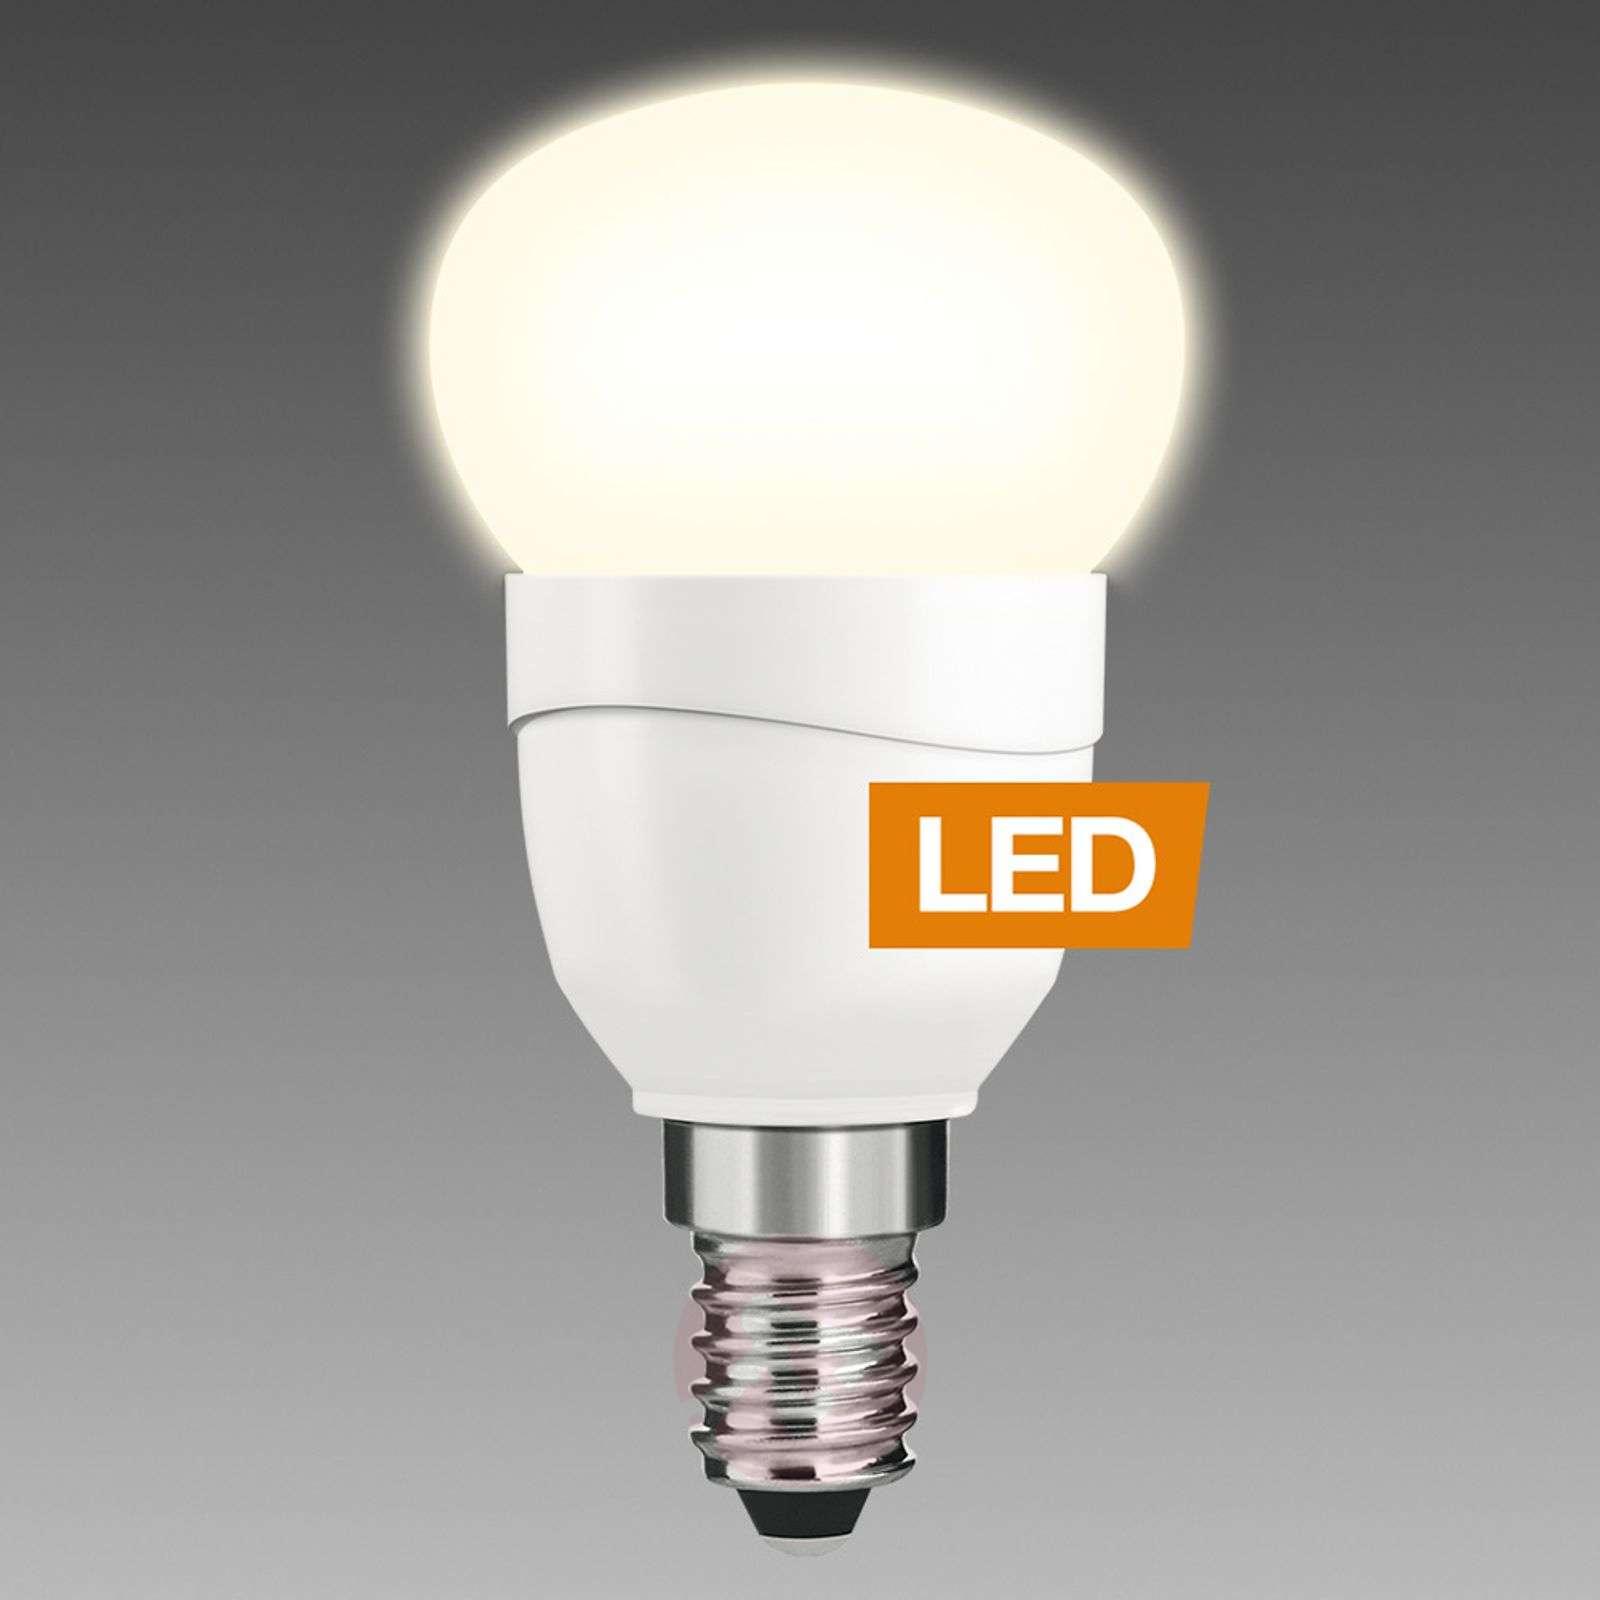 Pisaranmallinen LED-lamppu E14 5W 927, himmennet.-6037081-01